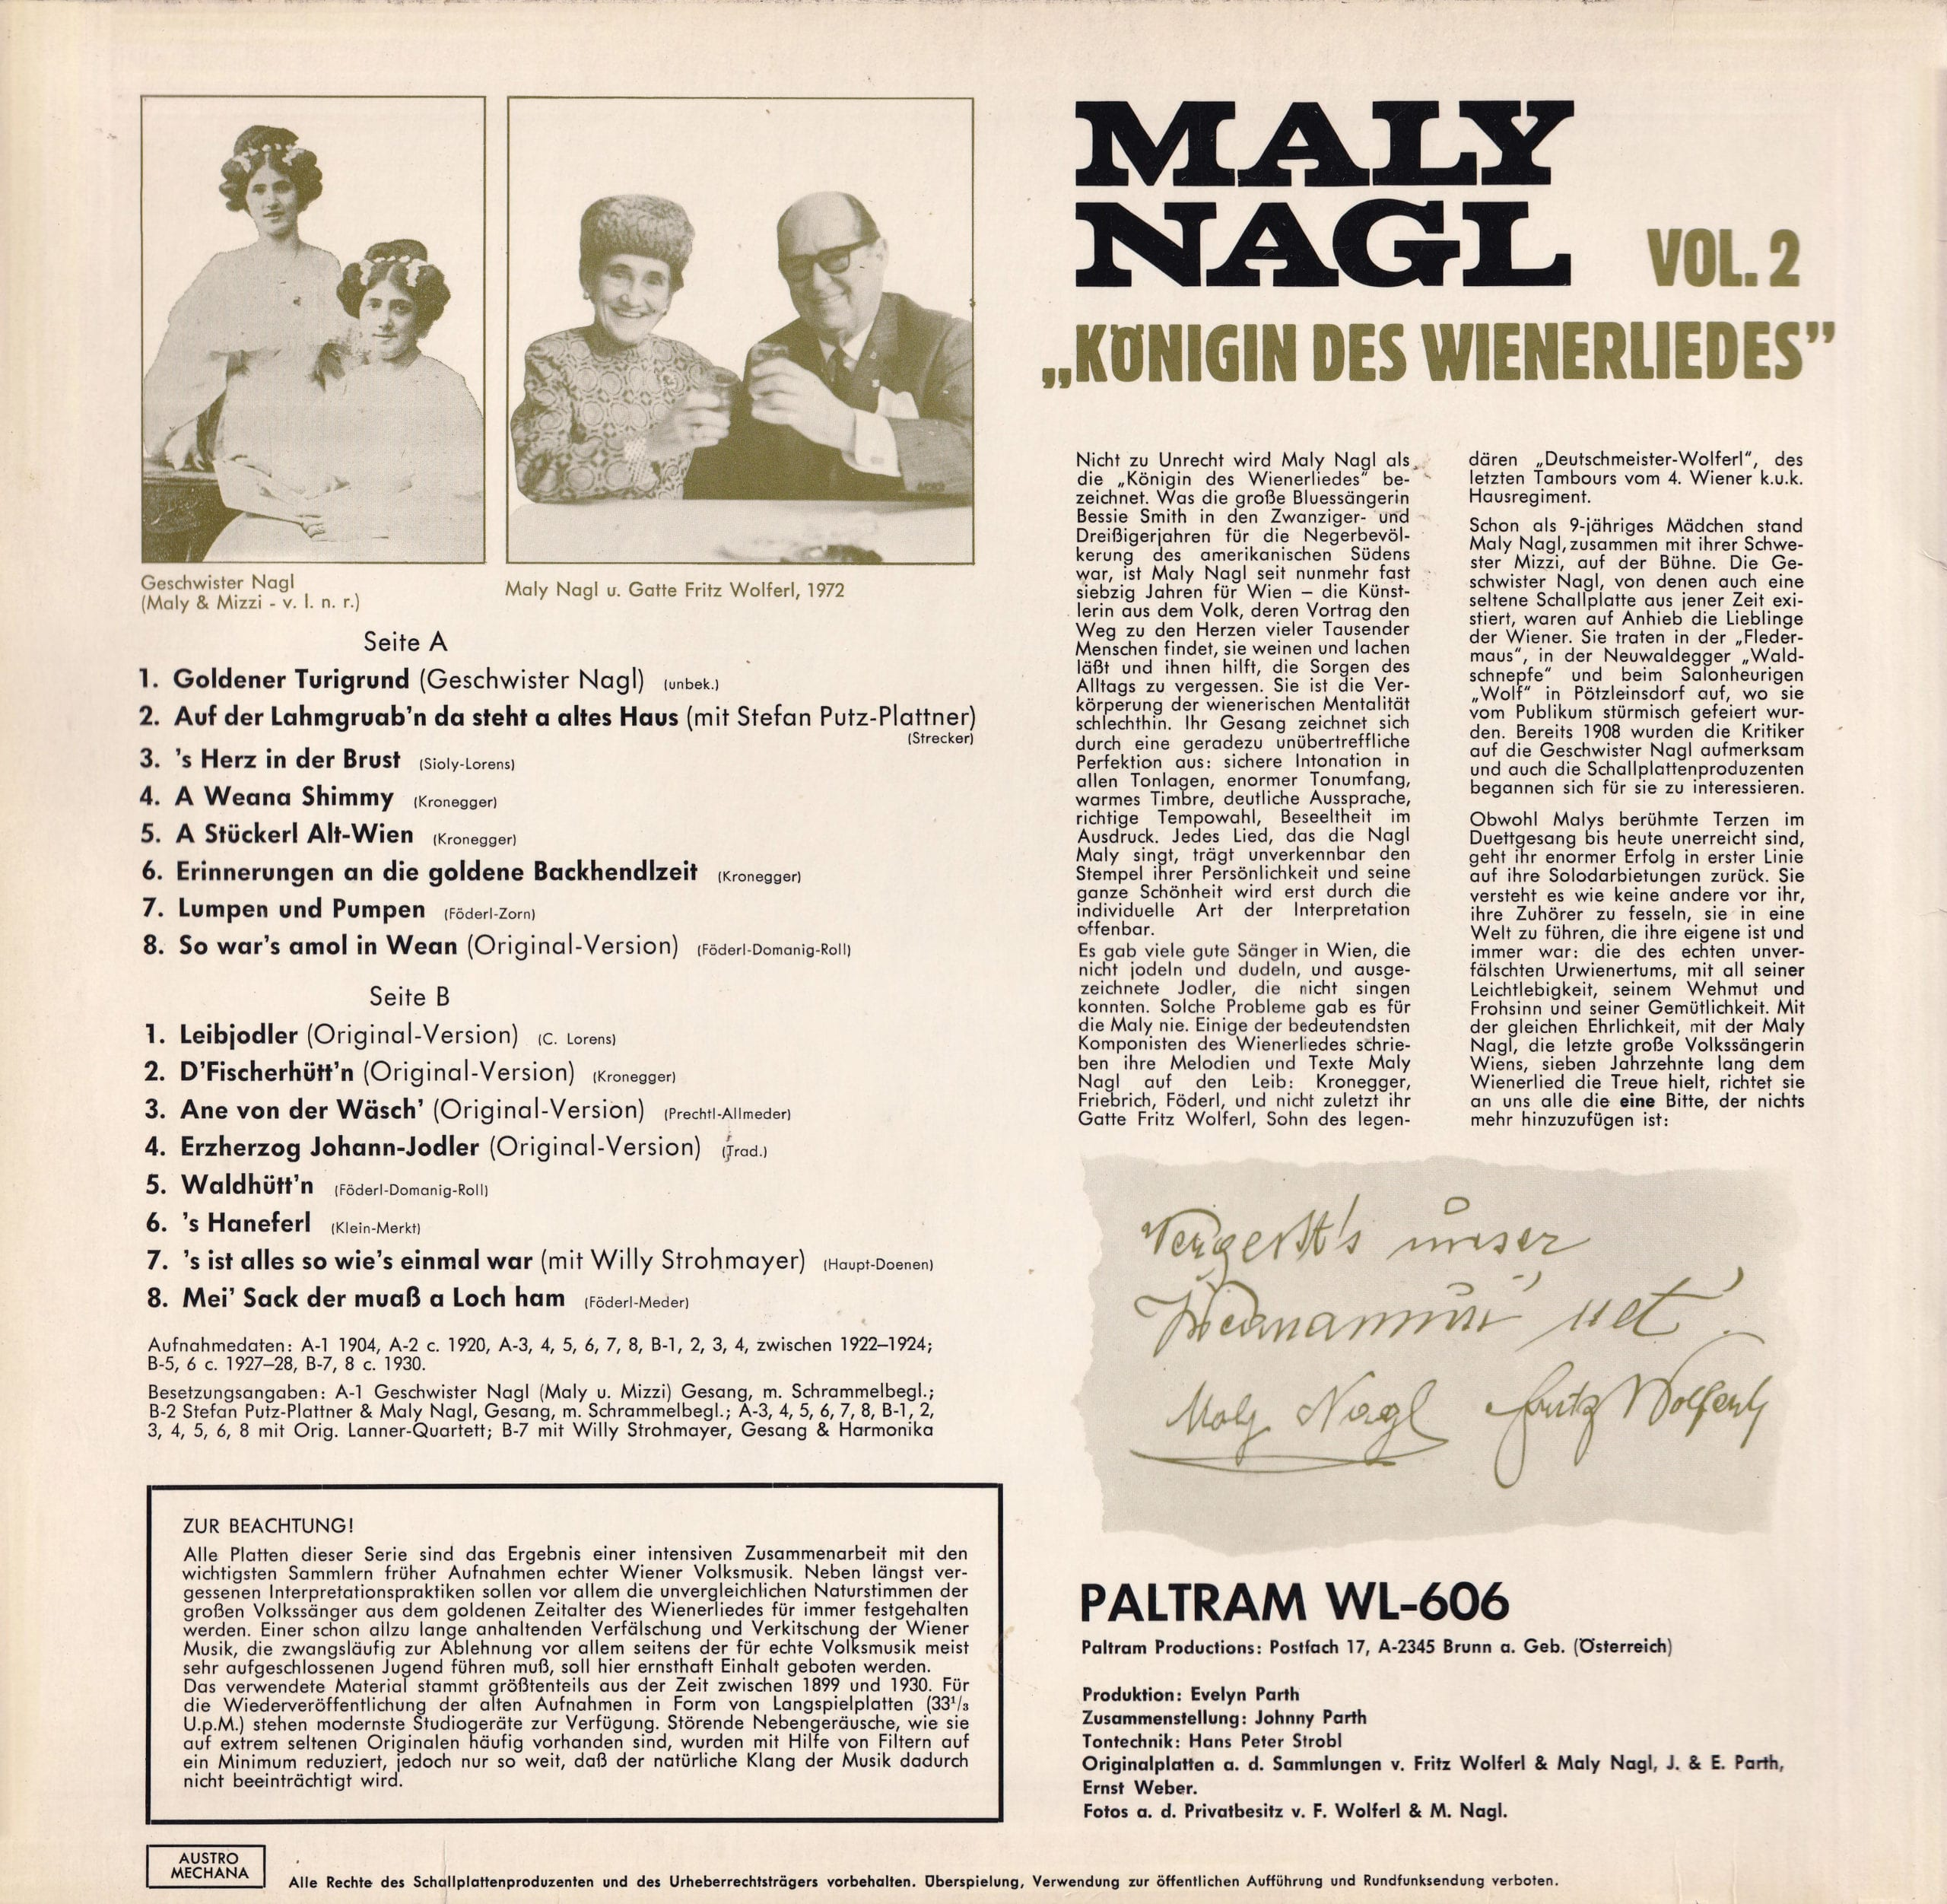 Königin des Wienerliedes, Vol. 2 – 2